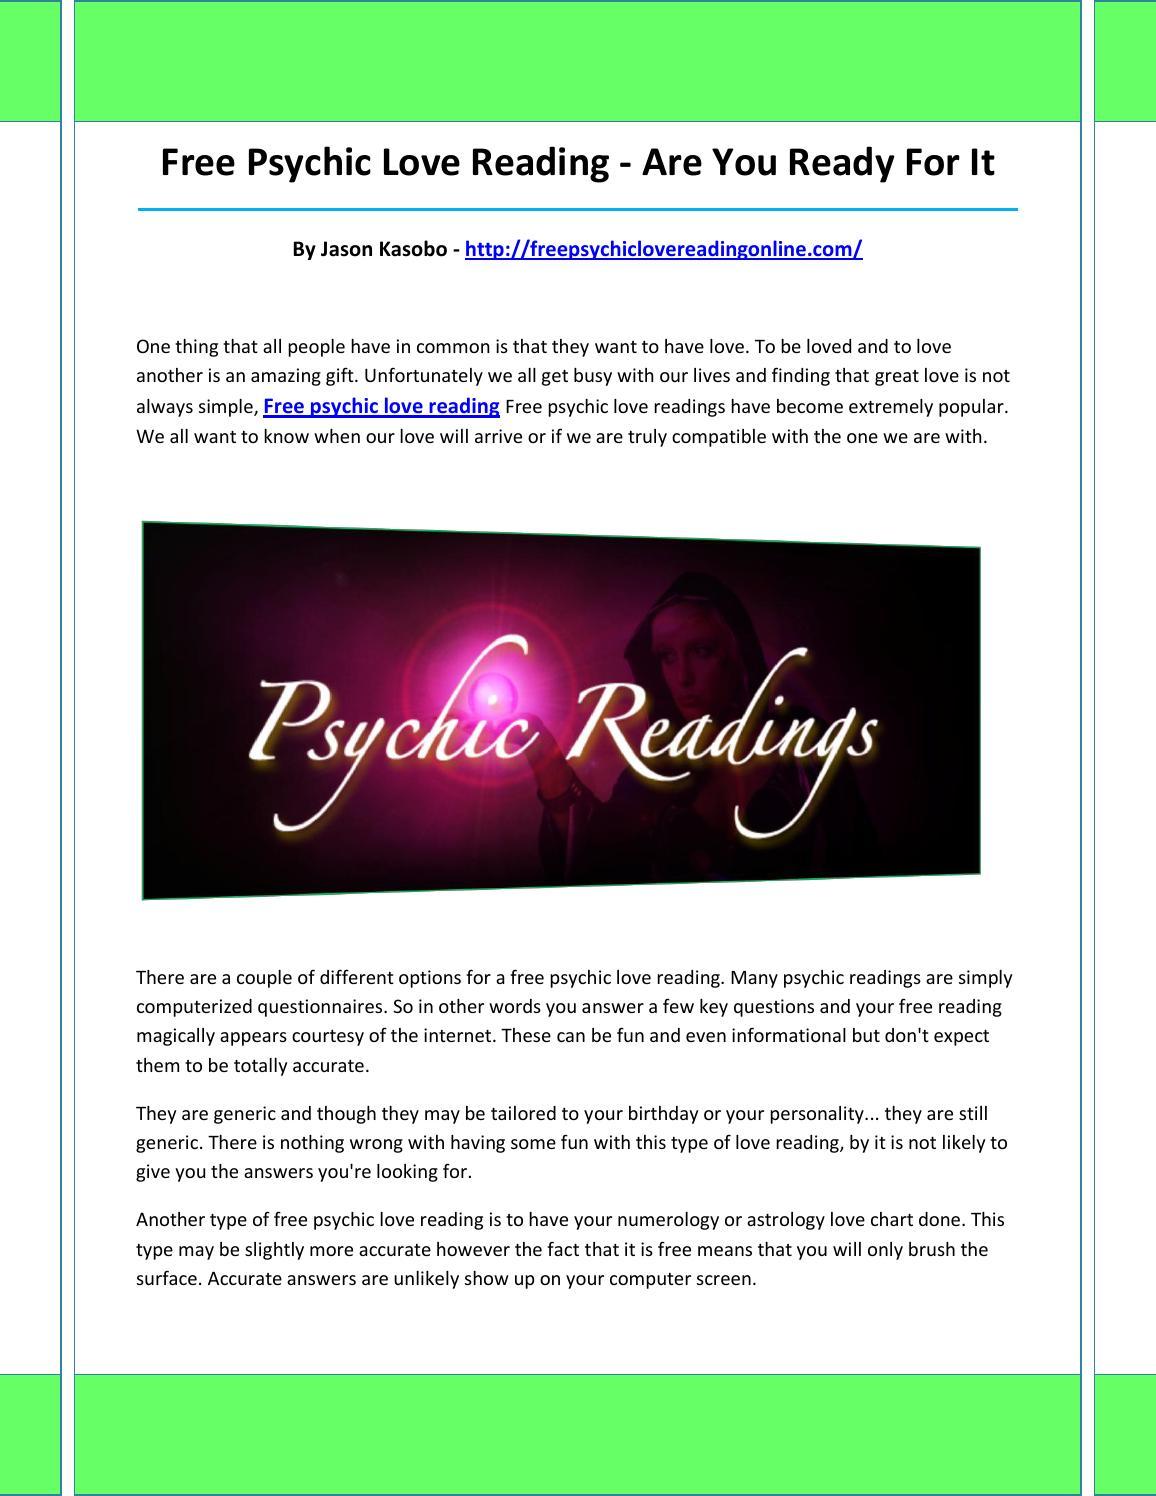 Free psychic love reading by vasoreorej - issuu